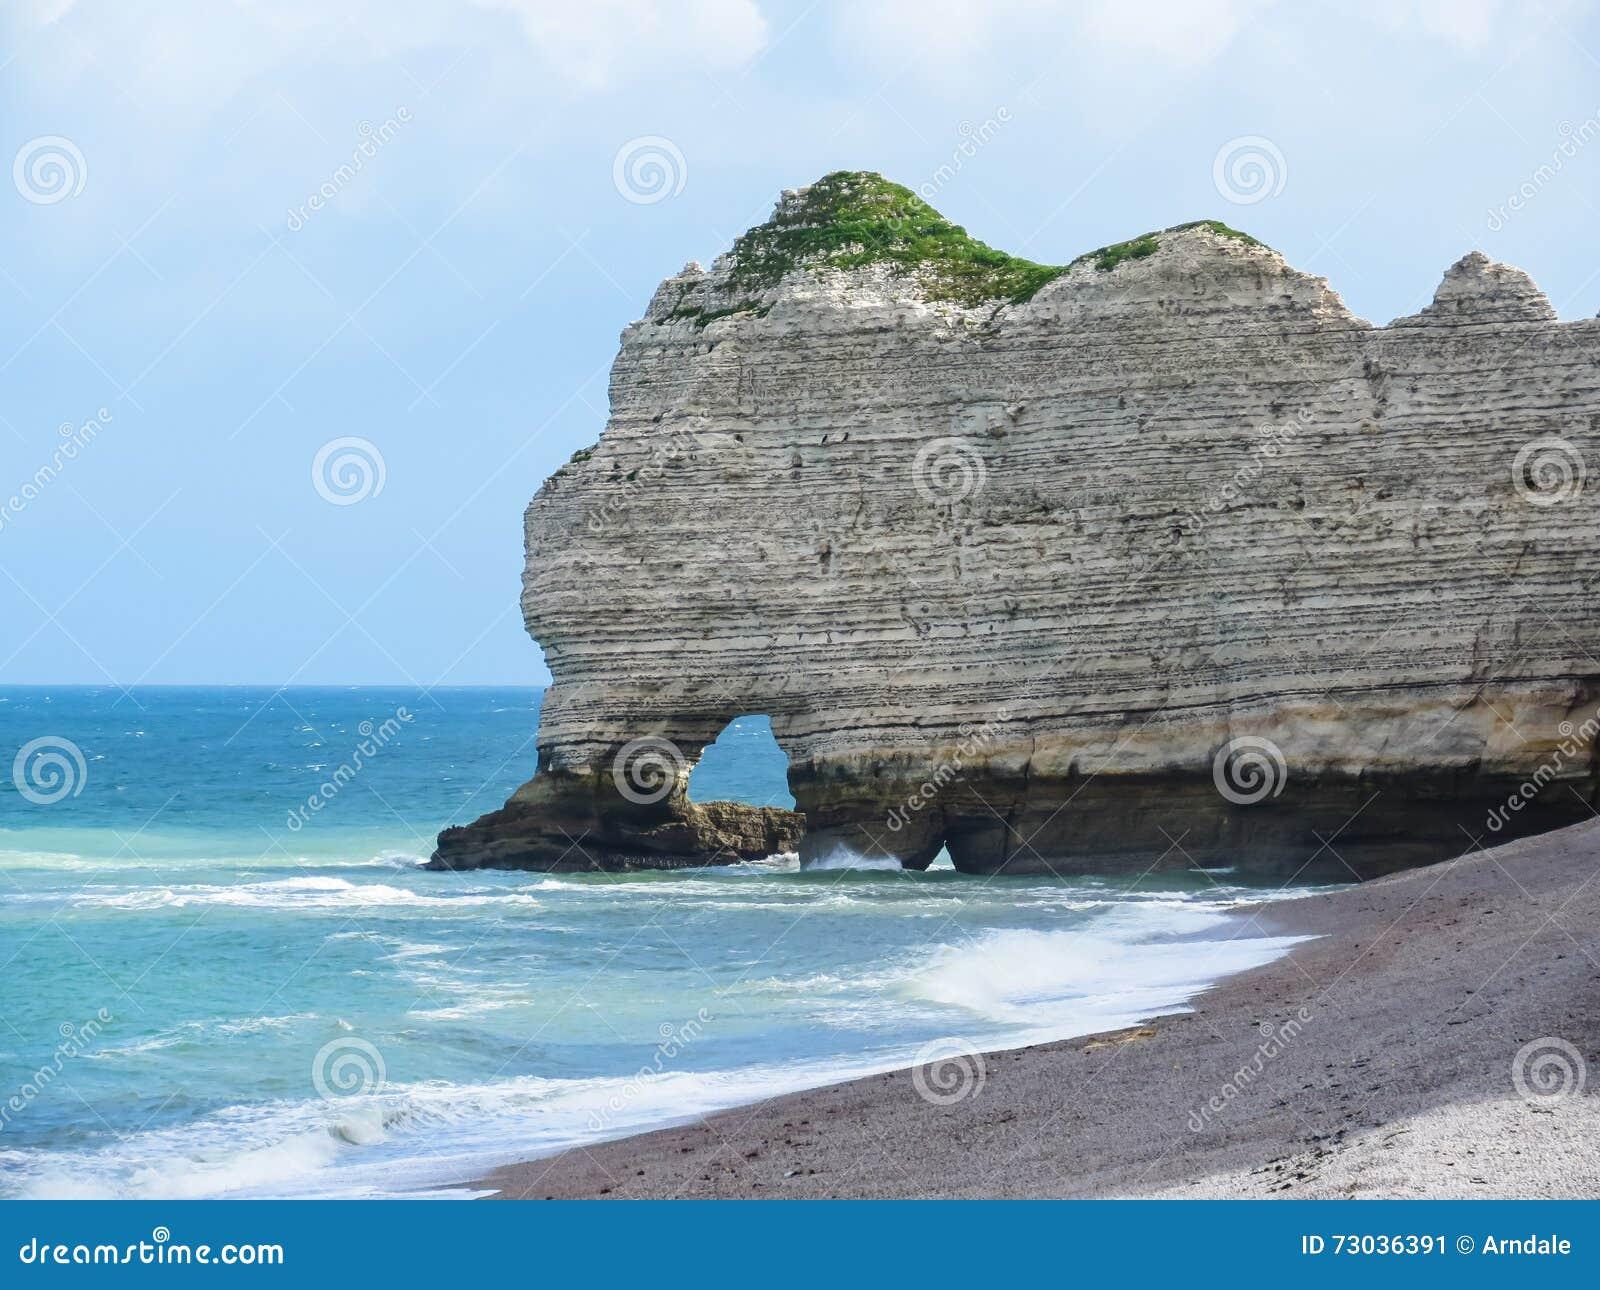 Cliffs La Falaise D Amont In Etretat France Stock Image Image